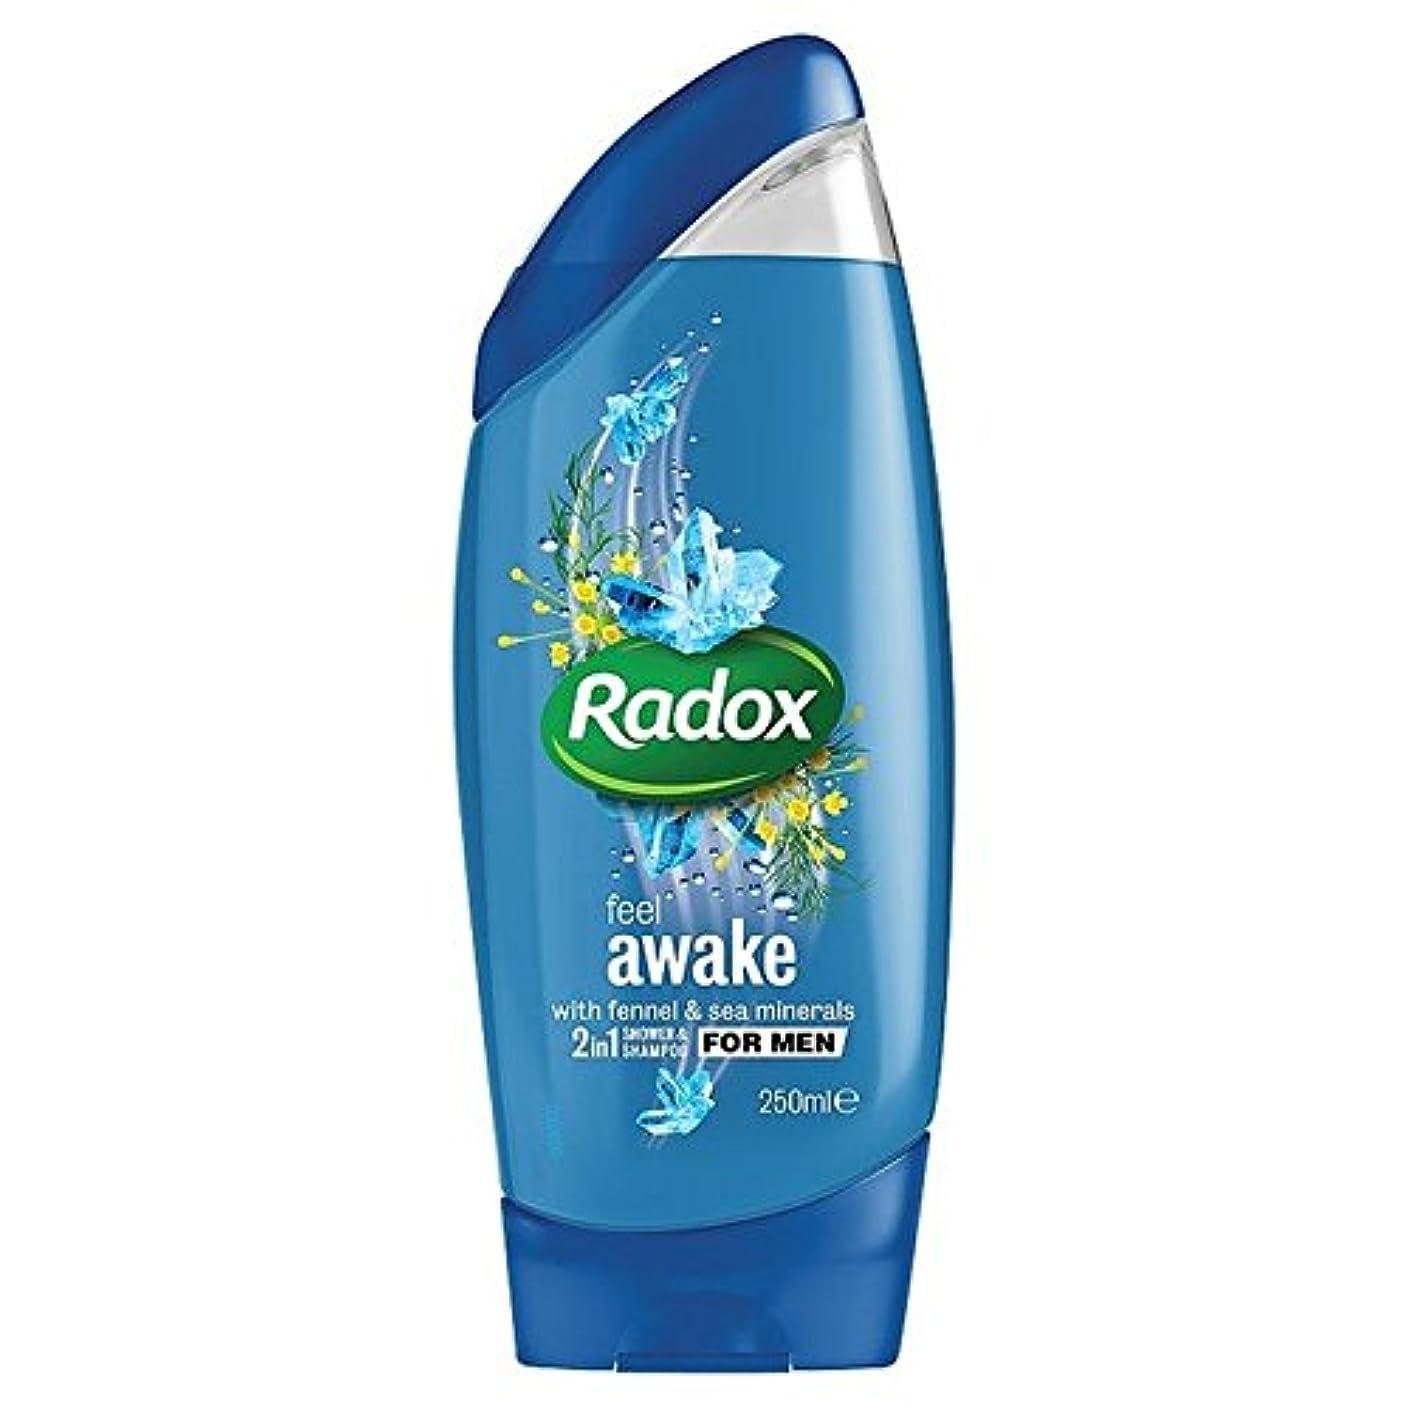 オピエート治療食物は男性の21シャワージェル250ミリリットルのために目を覚まし感じ x2 - Radox Feel Awake for Men 2in1 Shower Gel 250ml (Pack of 2) [並行輸入品]